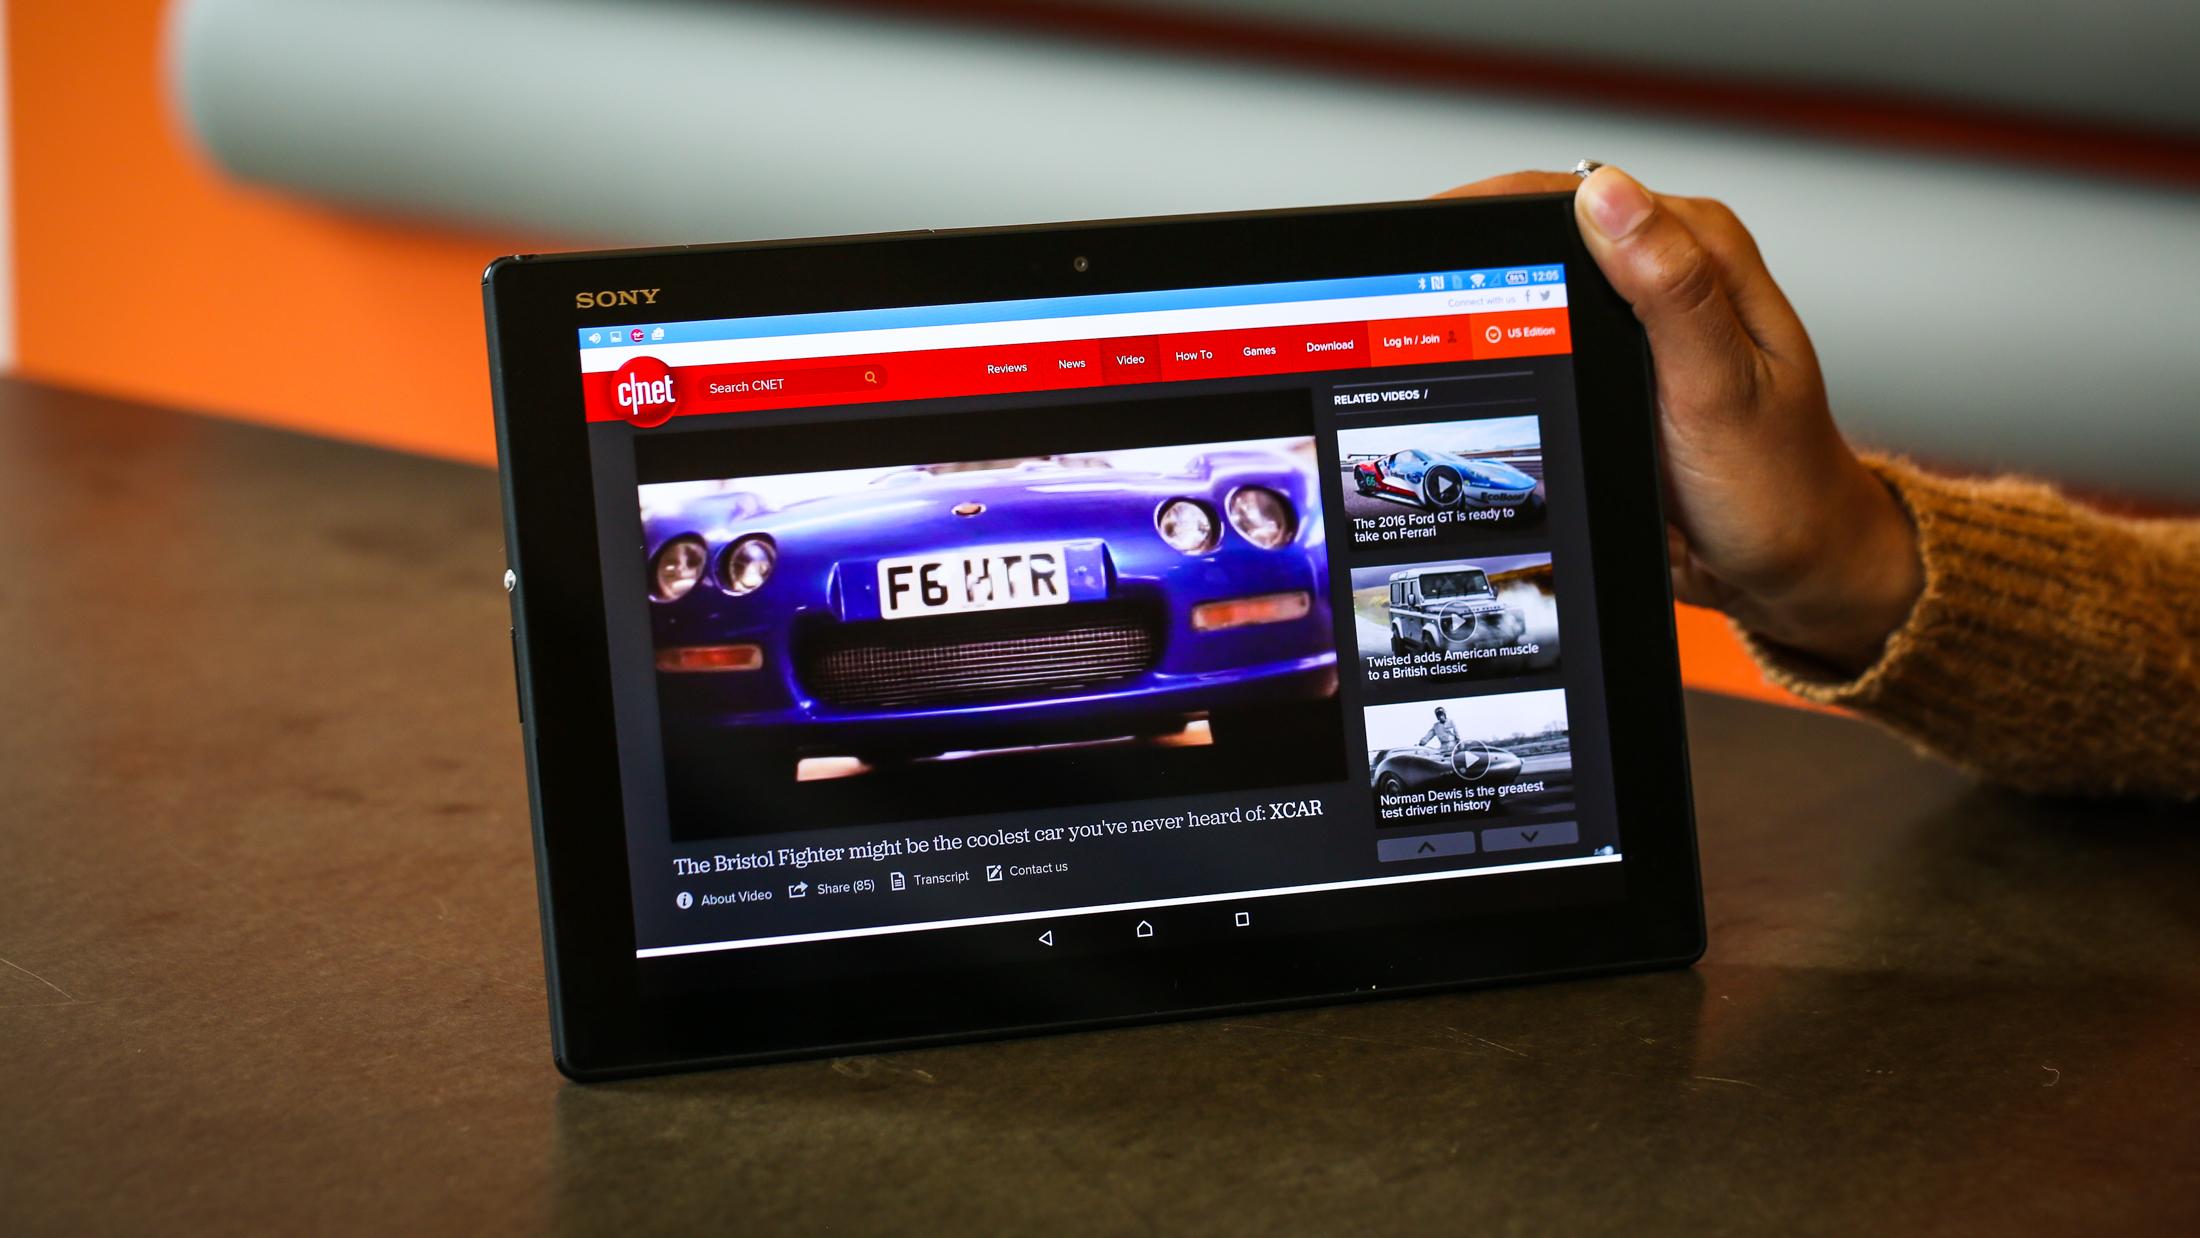 sony-xperia-z4-tablet-3197-001.jpg